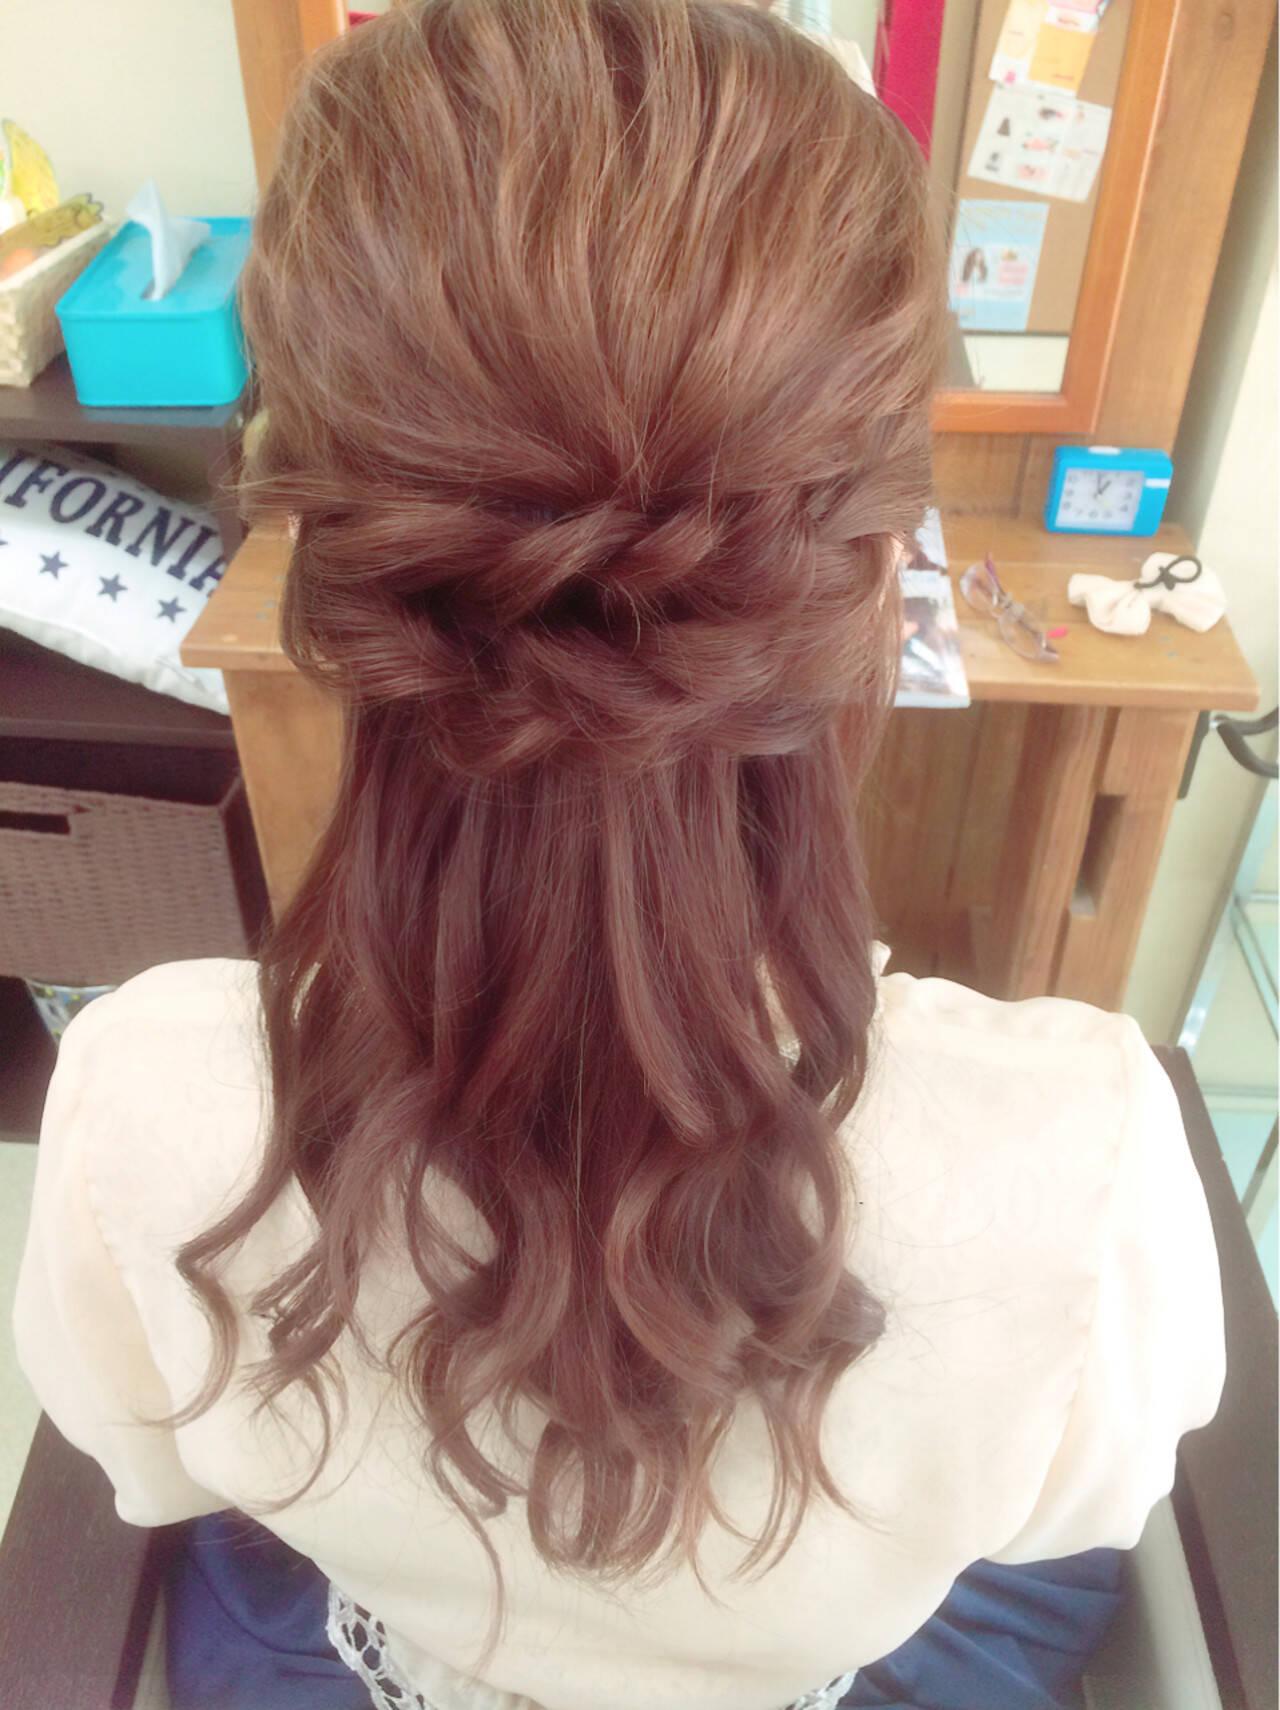 フェミニン ヘアアレンジ ハーフアップ 簡単ヘアアレンジヘアスタイルや髪型の写真・画像